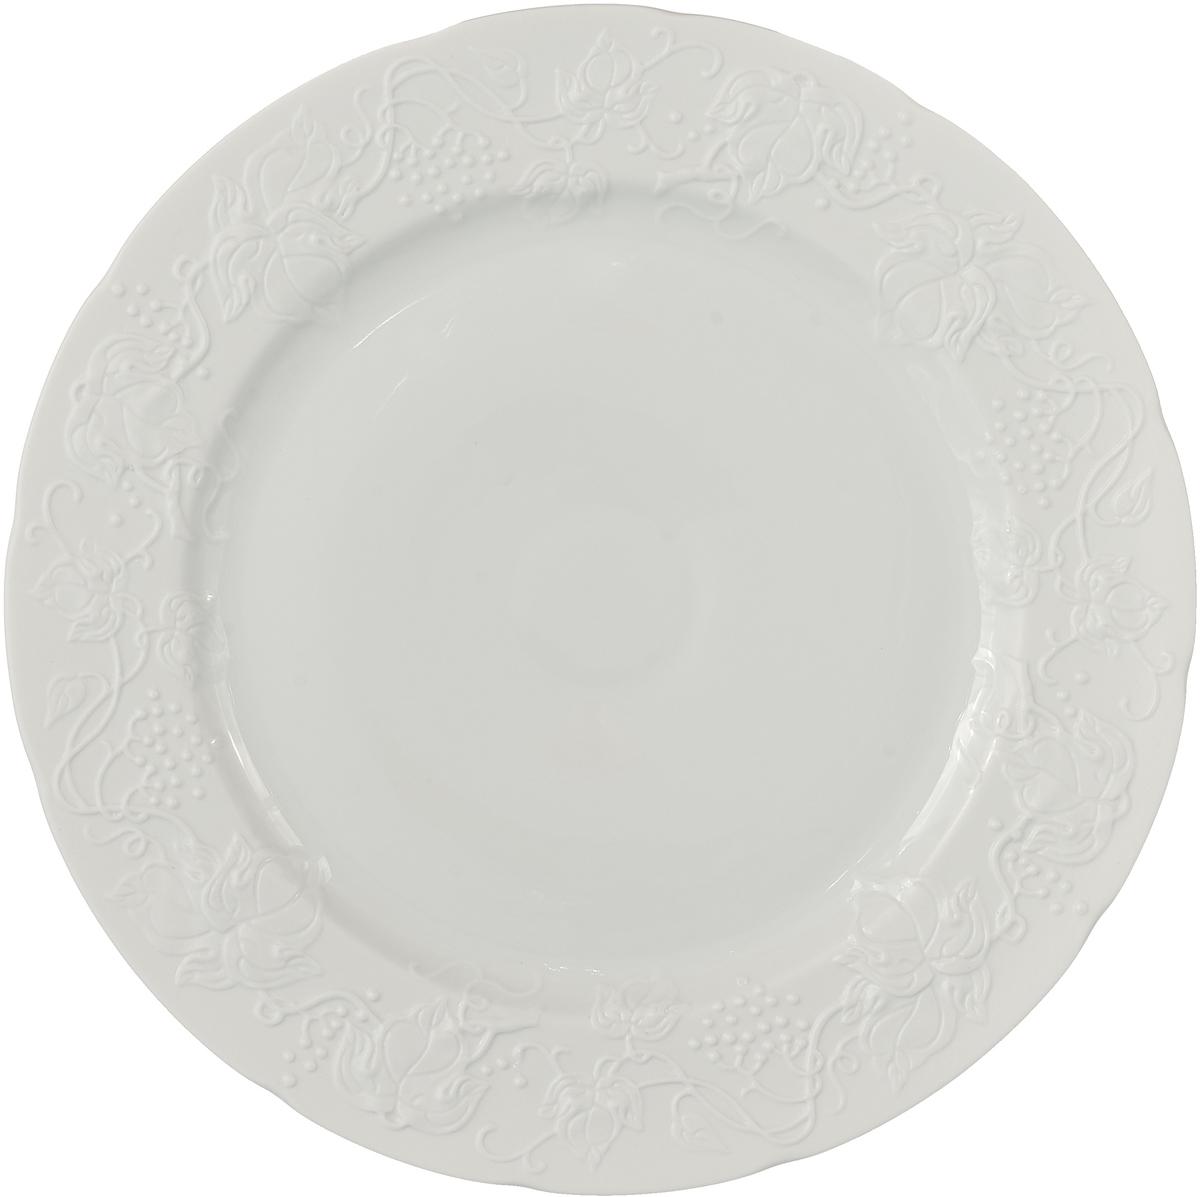 Блюдо La Rose des Sables Blanc, 3100632, белый, диаметр 32 см